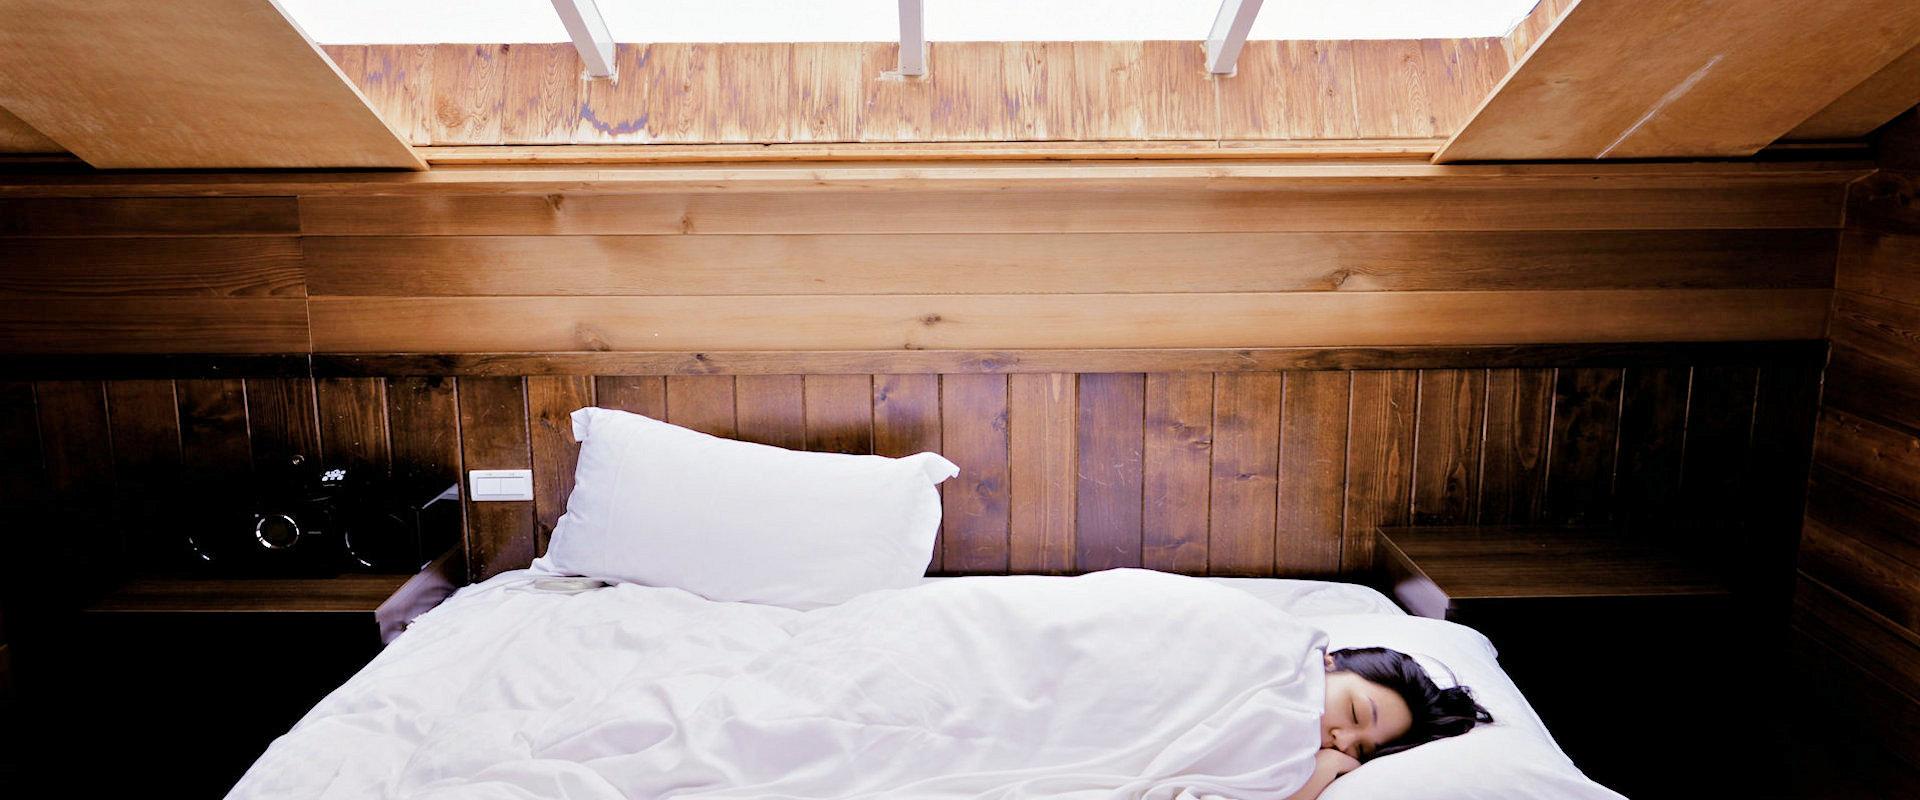 Full Size of Gebrauchte Betten Bett Mit Schubladen 160x200 Sofa Relaxfunktion Elektrisch Poco 220 X 200 Grau Oschmann Bettkasten 140x200 180x200 Schwarz Günstig Kaufen Bett Bett Mit Matratze Und Lattenrost